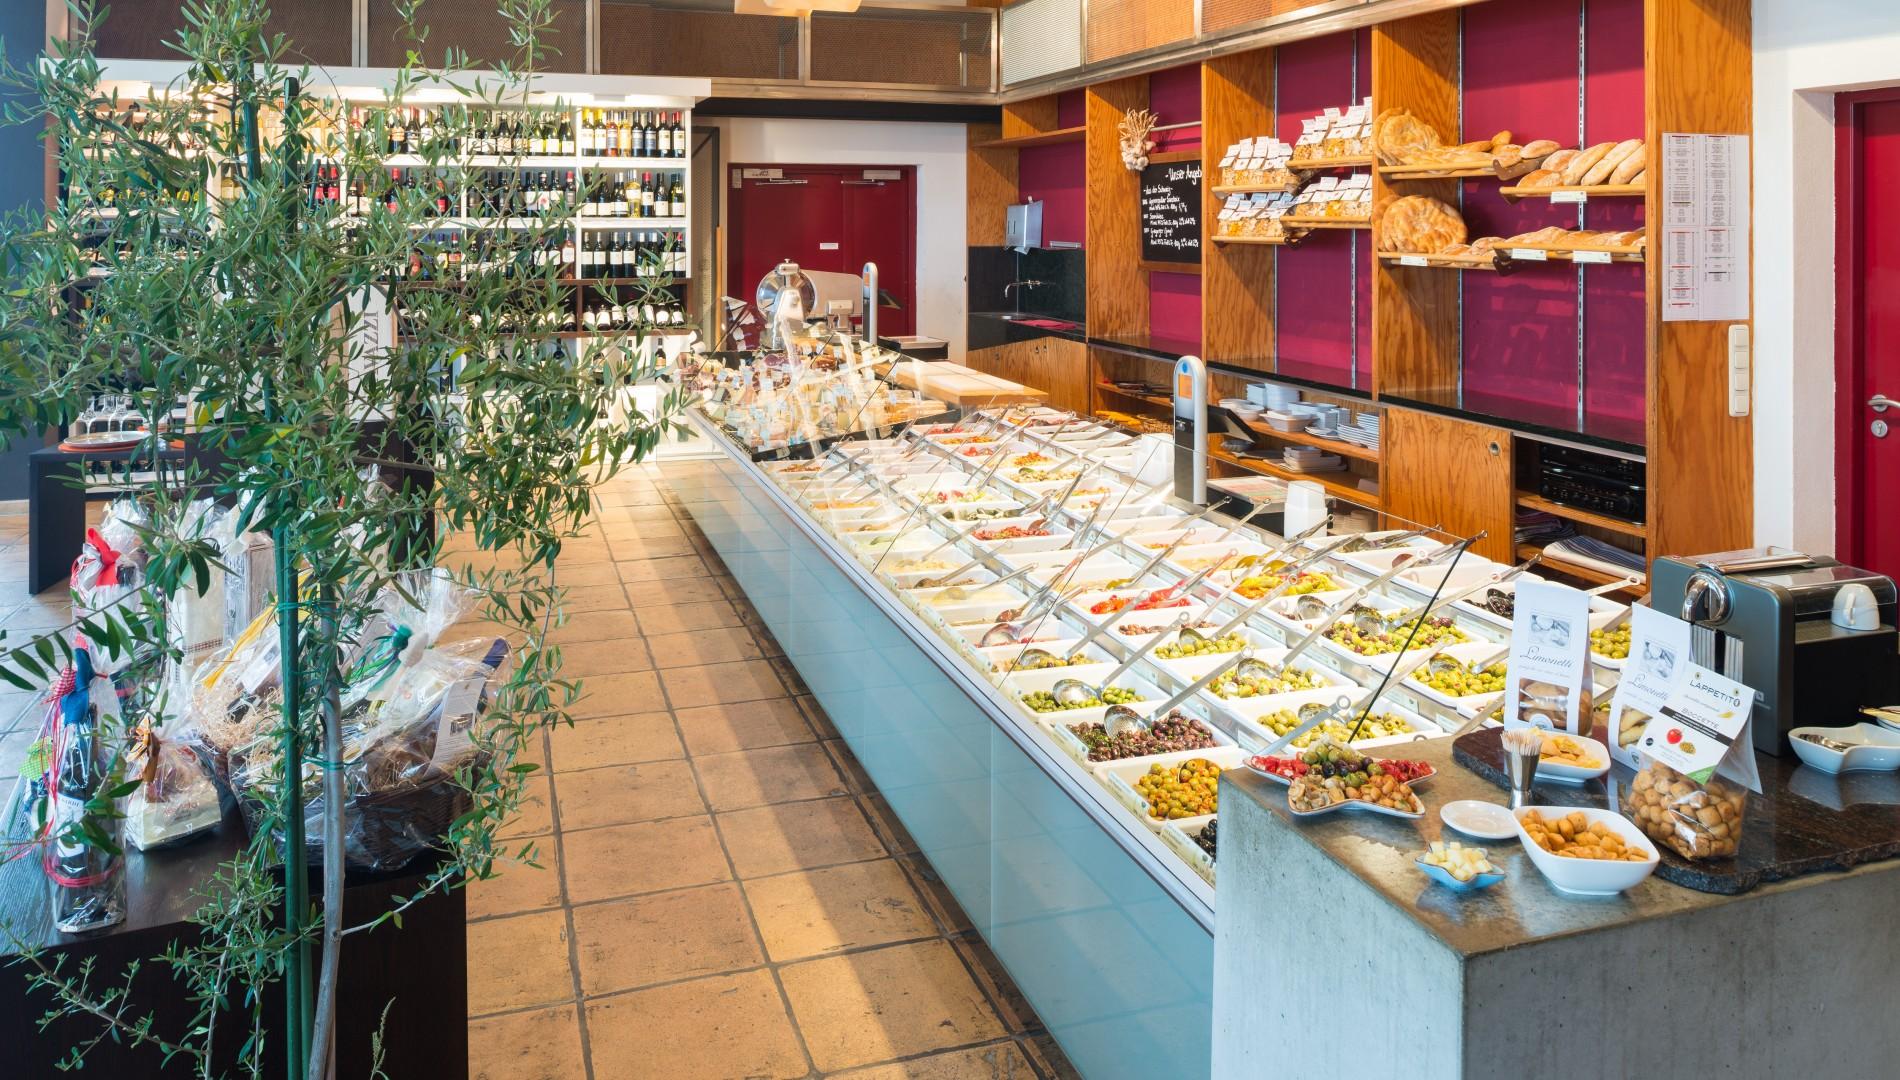 Imagephotographie für die Oliven + Öl Compagnie aus Memmingen von der Designagentur das formt aus München